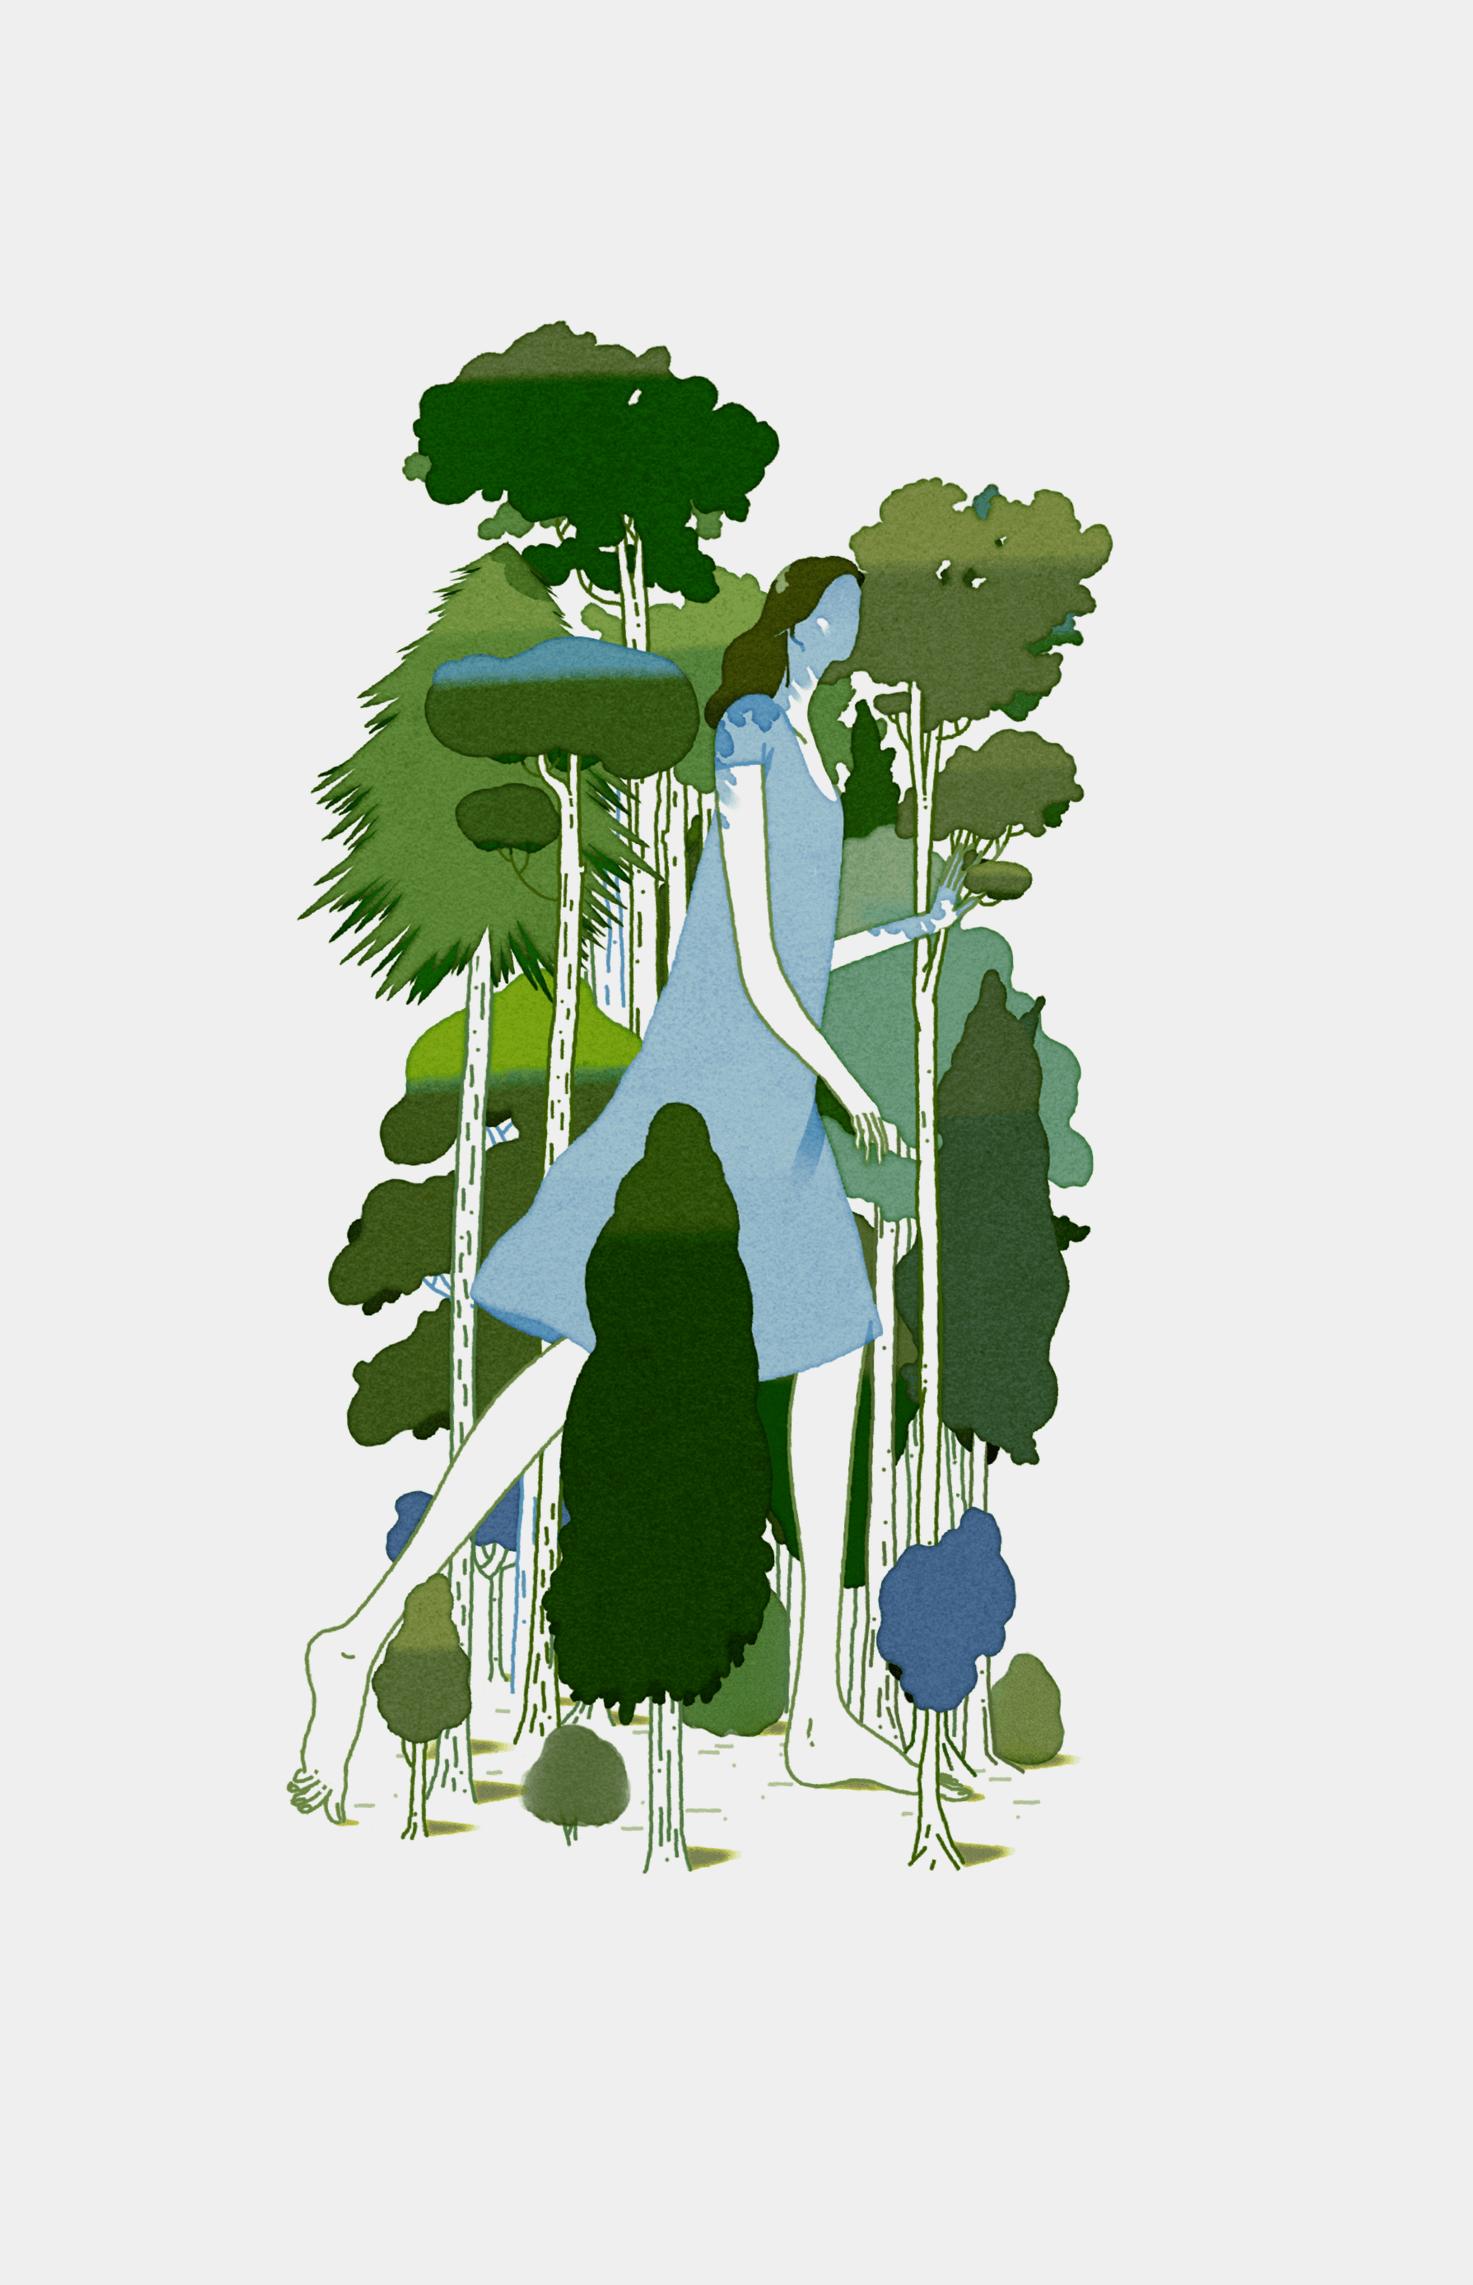 alberid-4k